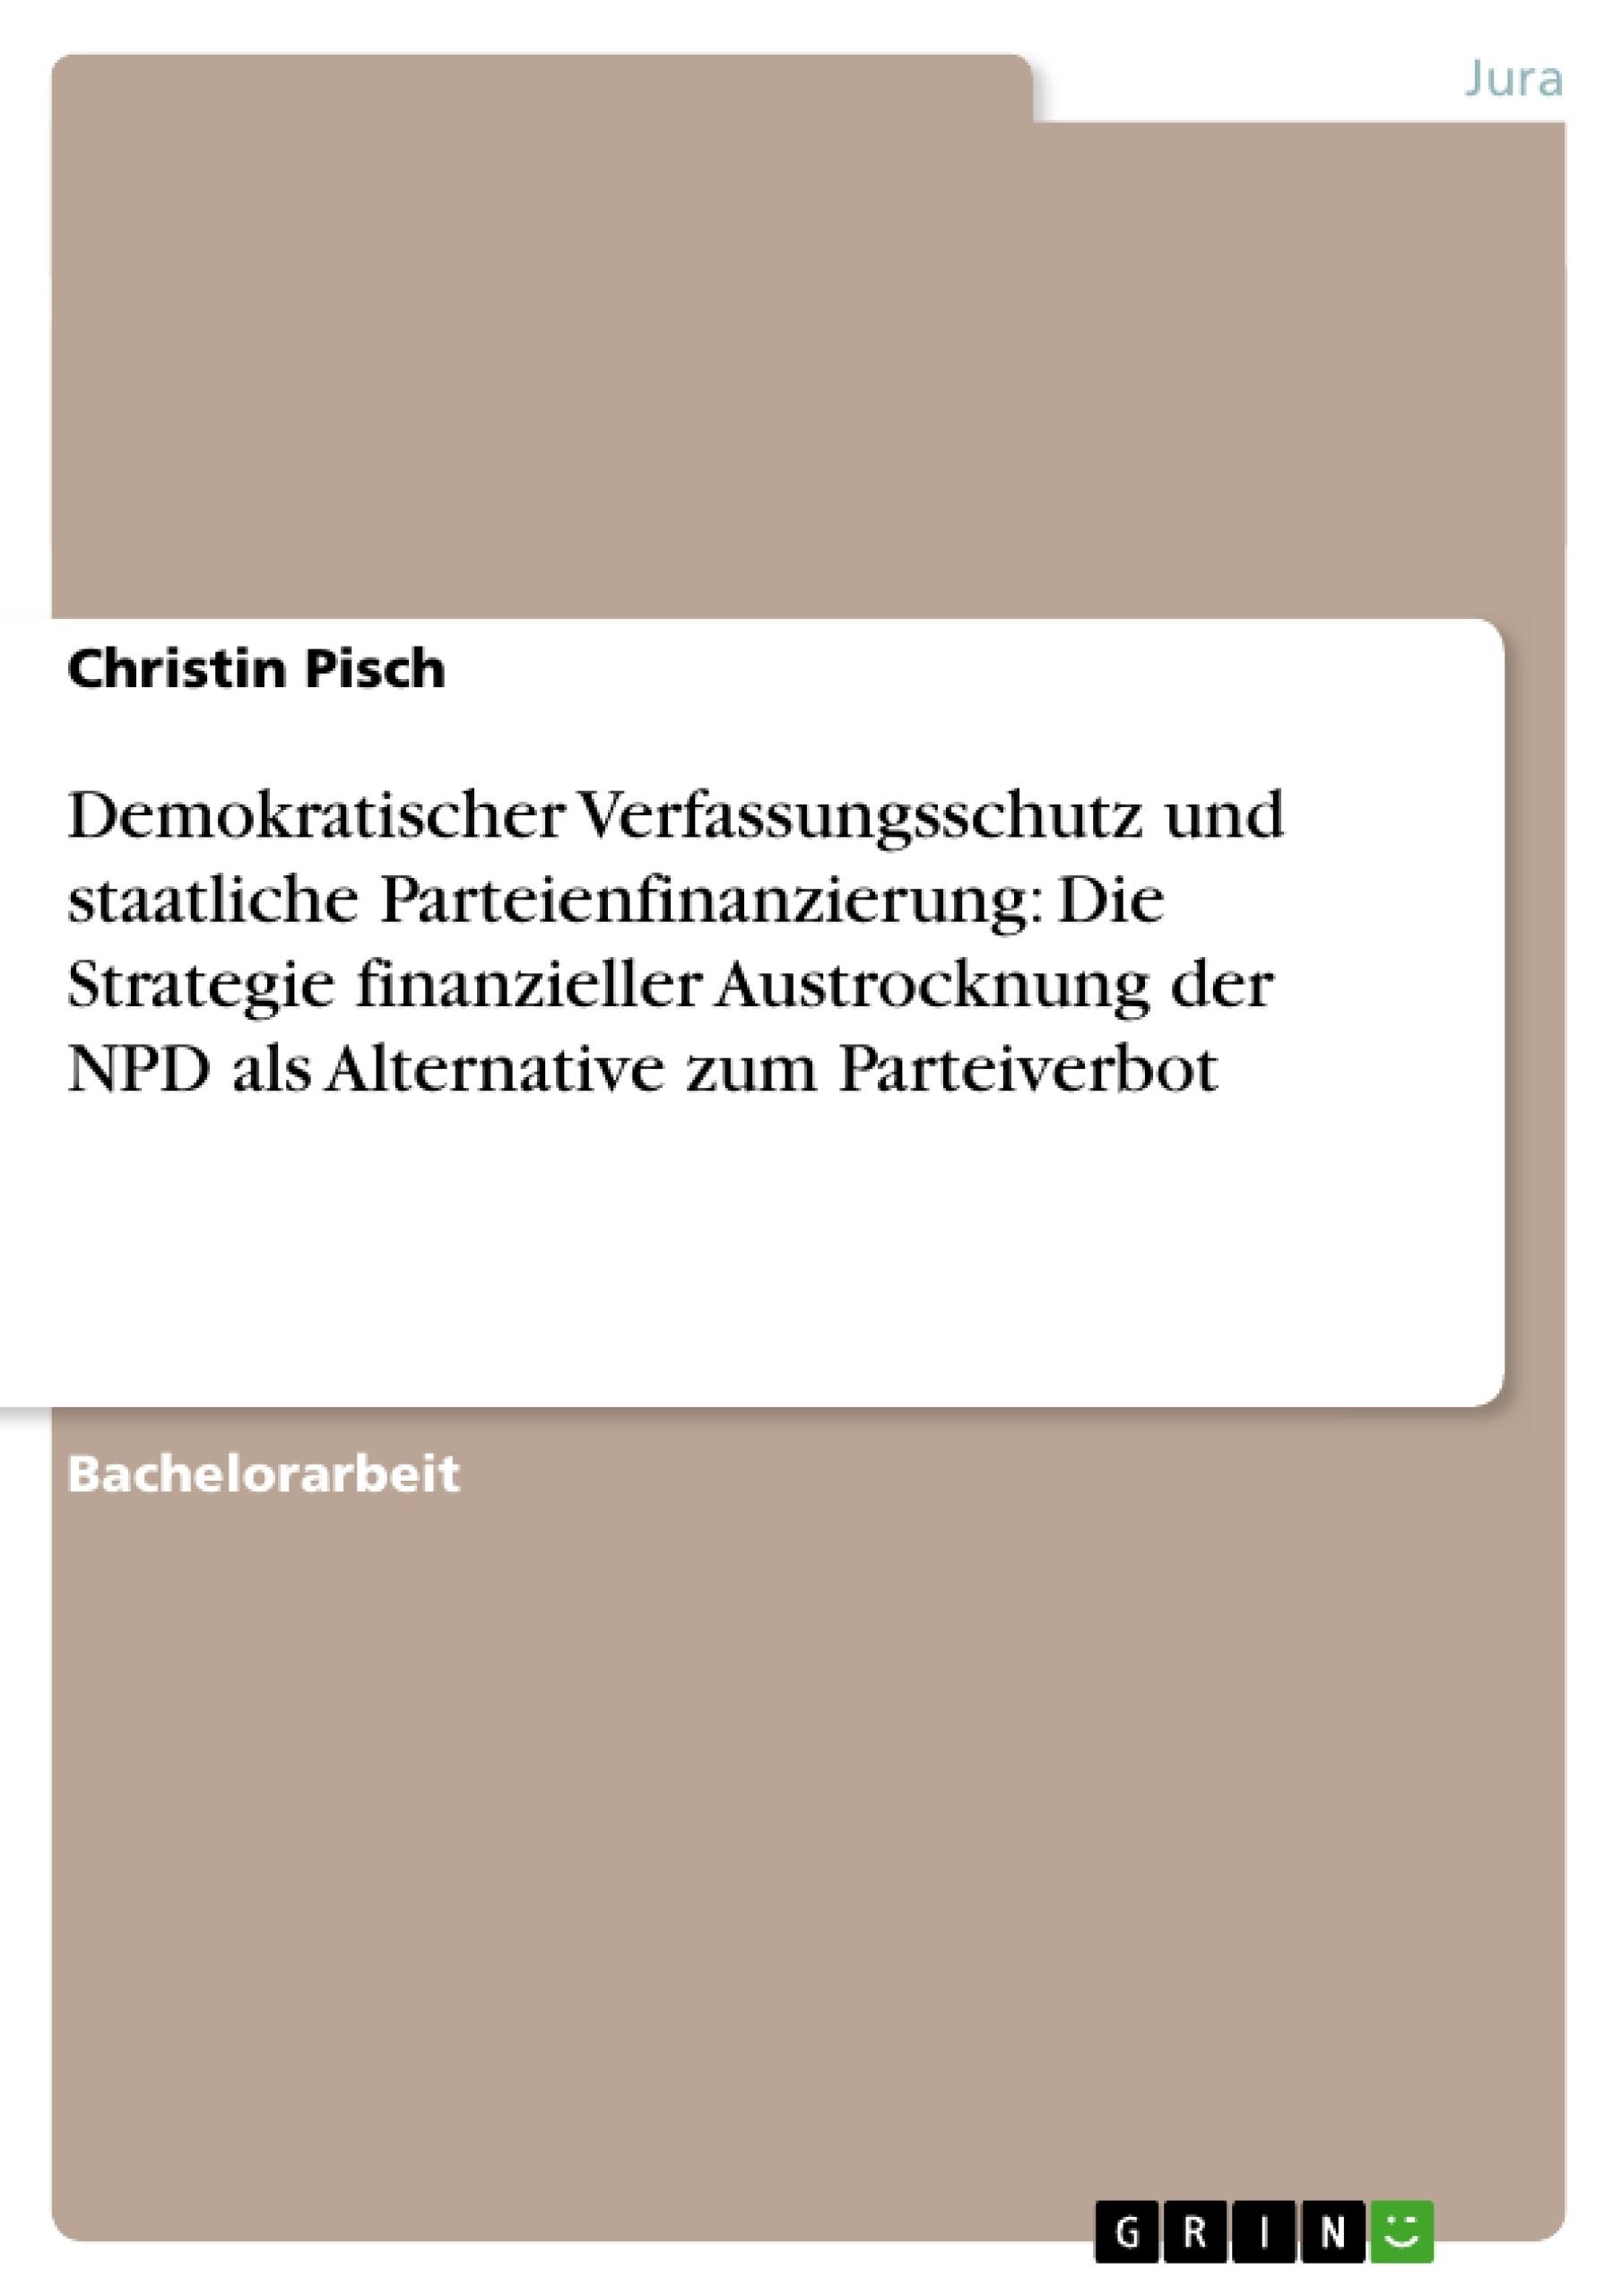 Titel: Demokratischer Verfassungsschutz und staatliche Parteienfinanzierung: Die Strategie finanzieller Austrocknung der NPD als Alternative zum Parteiverbot